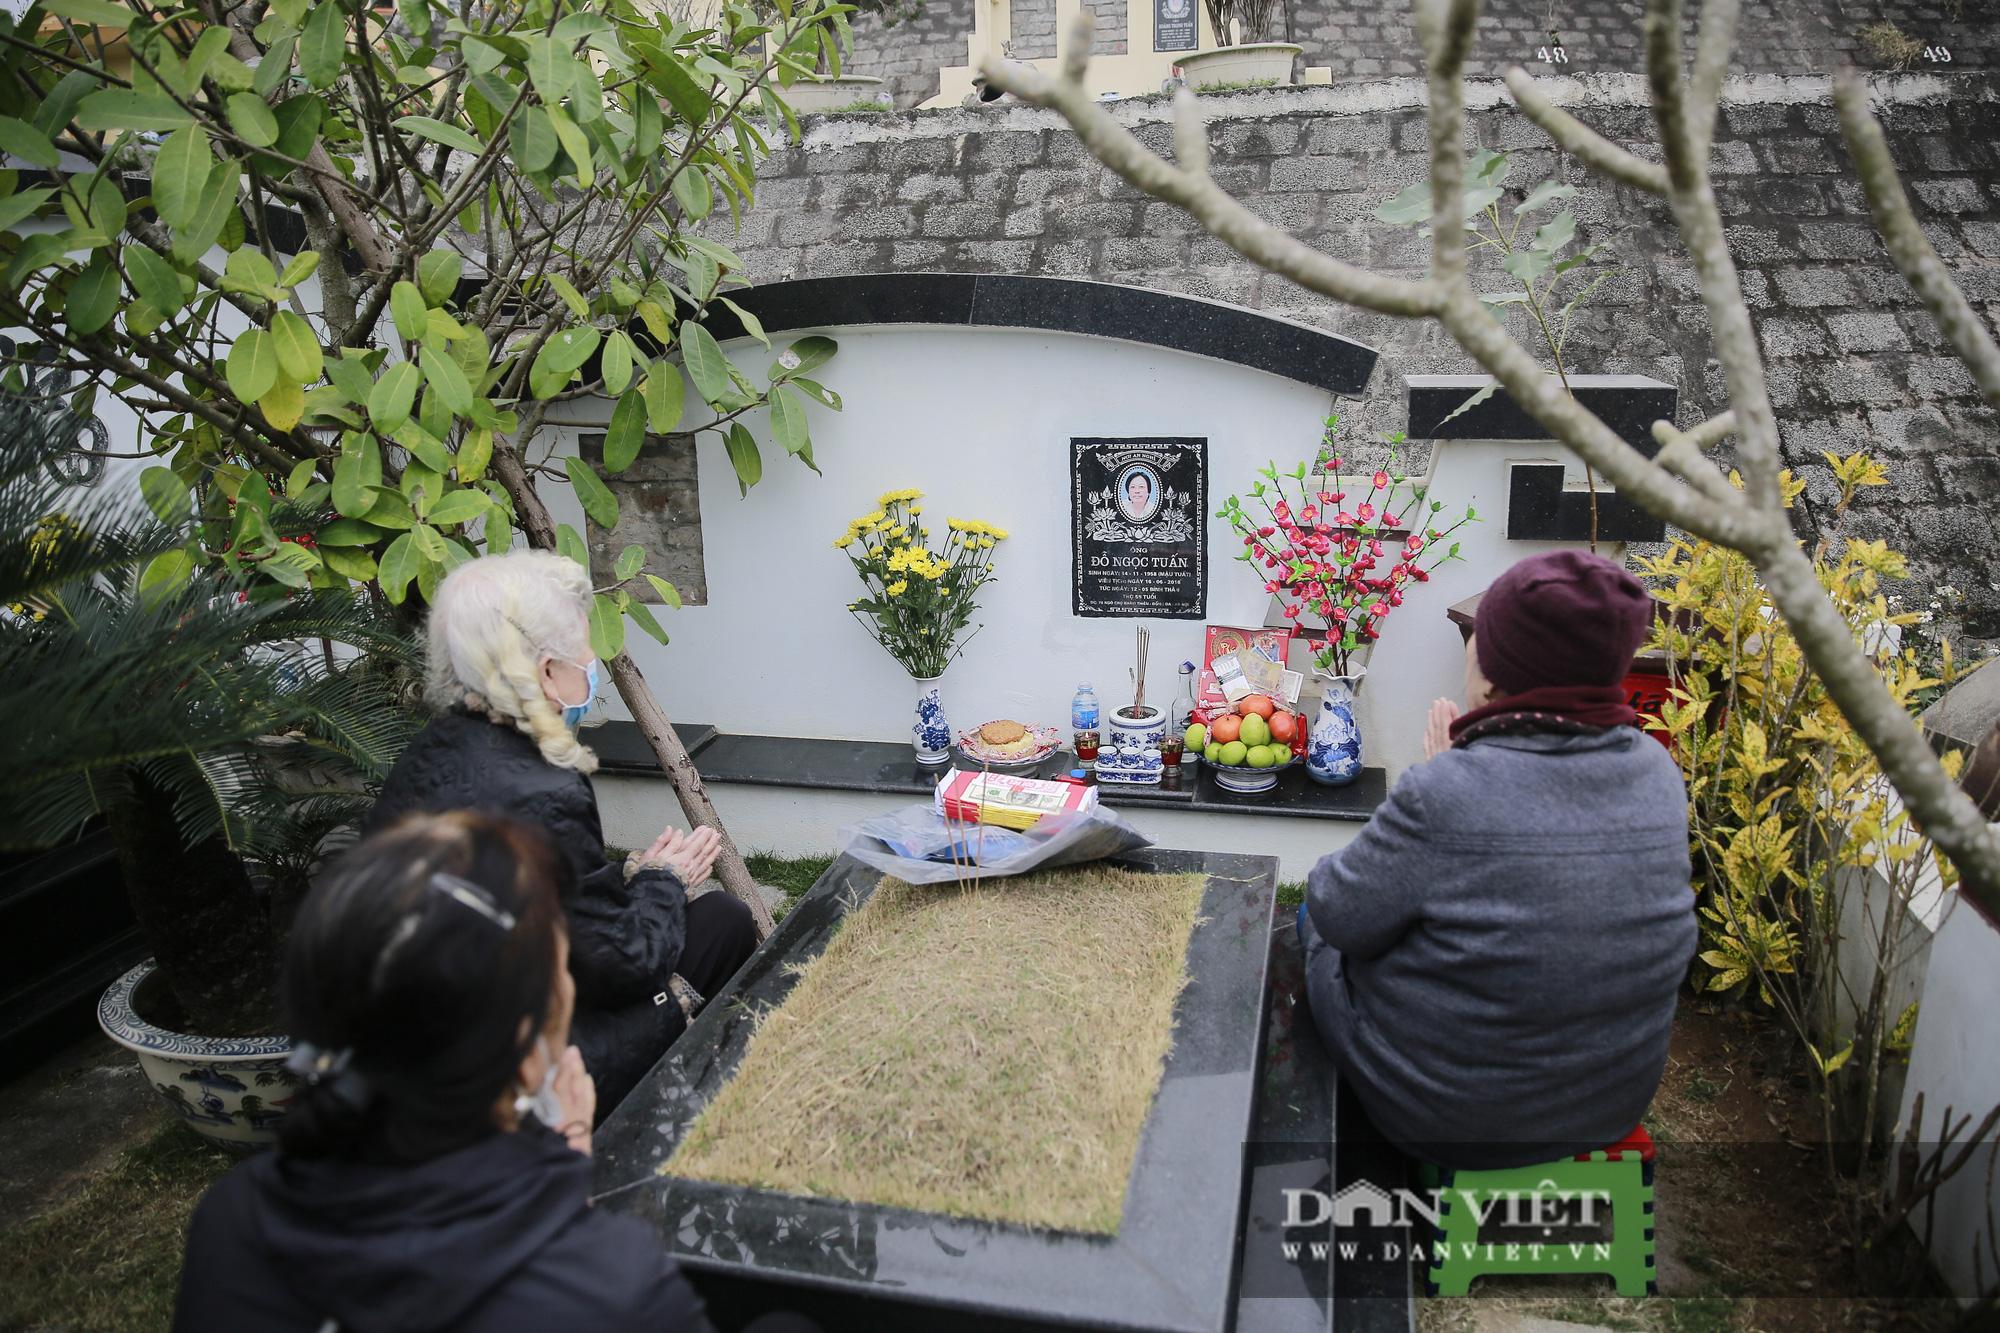 Siêu công viên nghĩa trang 5 sao nhộn nhịp những ngày cận Tết Nguyên đán - Ảnh 6.